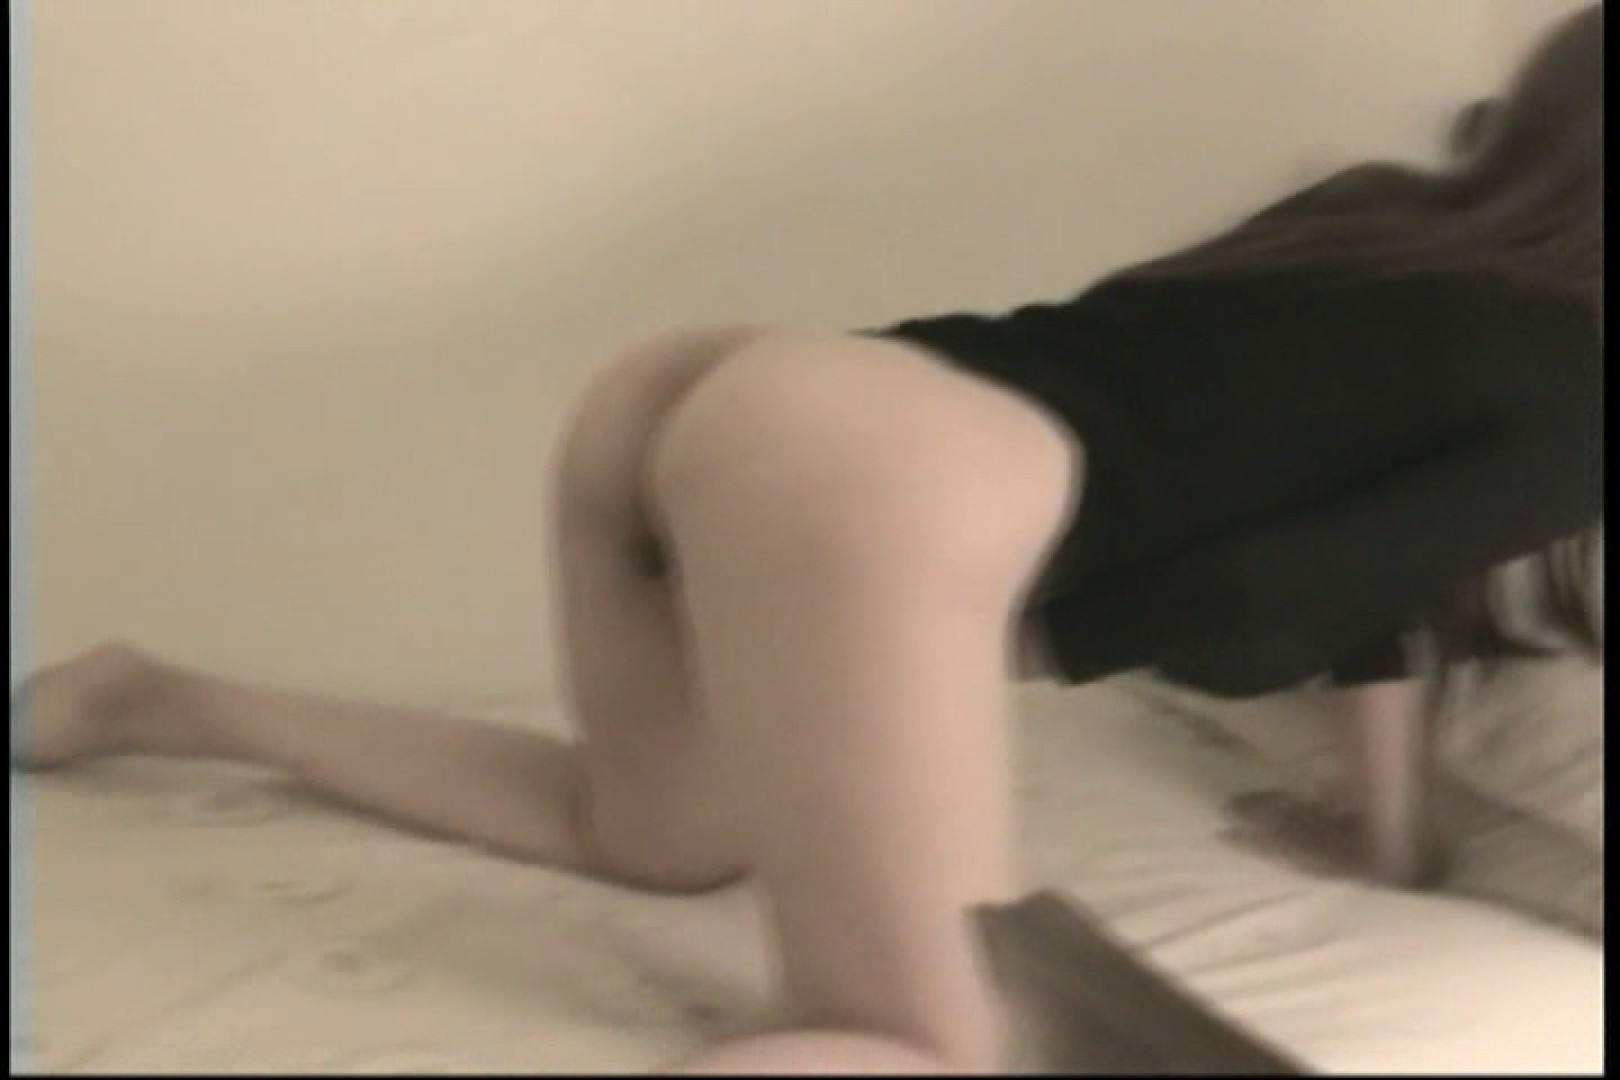 H大好きな清楚系の美ボディお姉さんとホテルでSEX~安西みか~ オナニー映像 性交動画流出 104枚 37